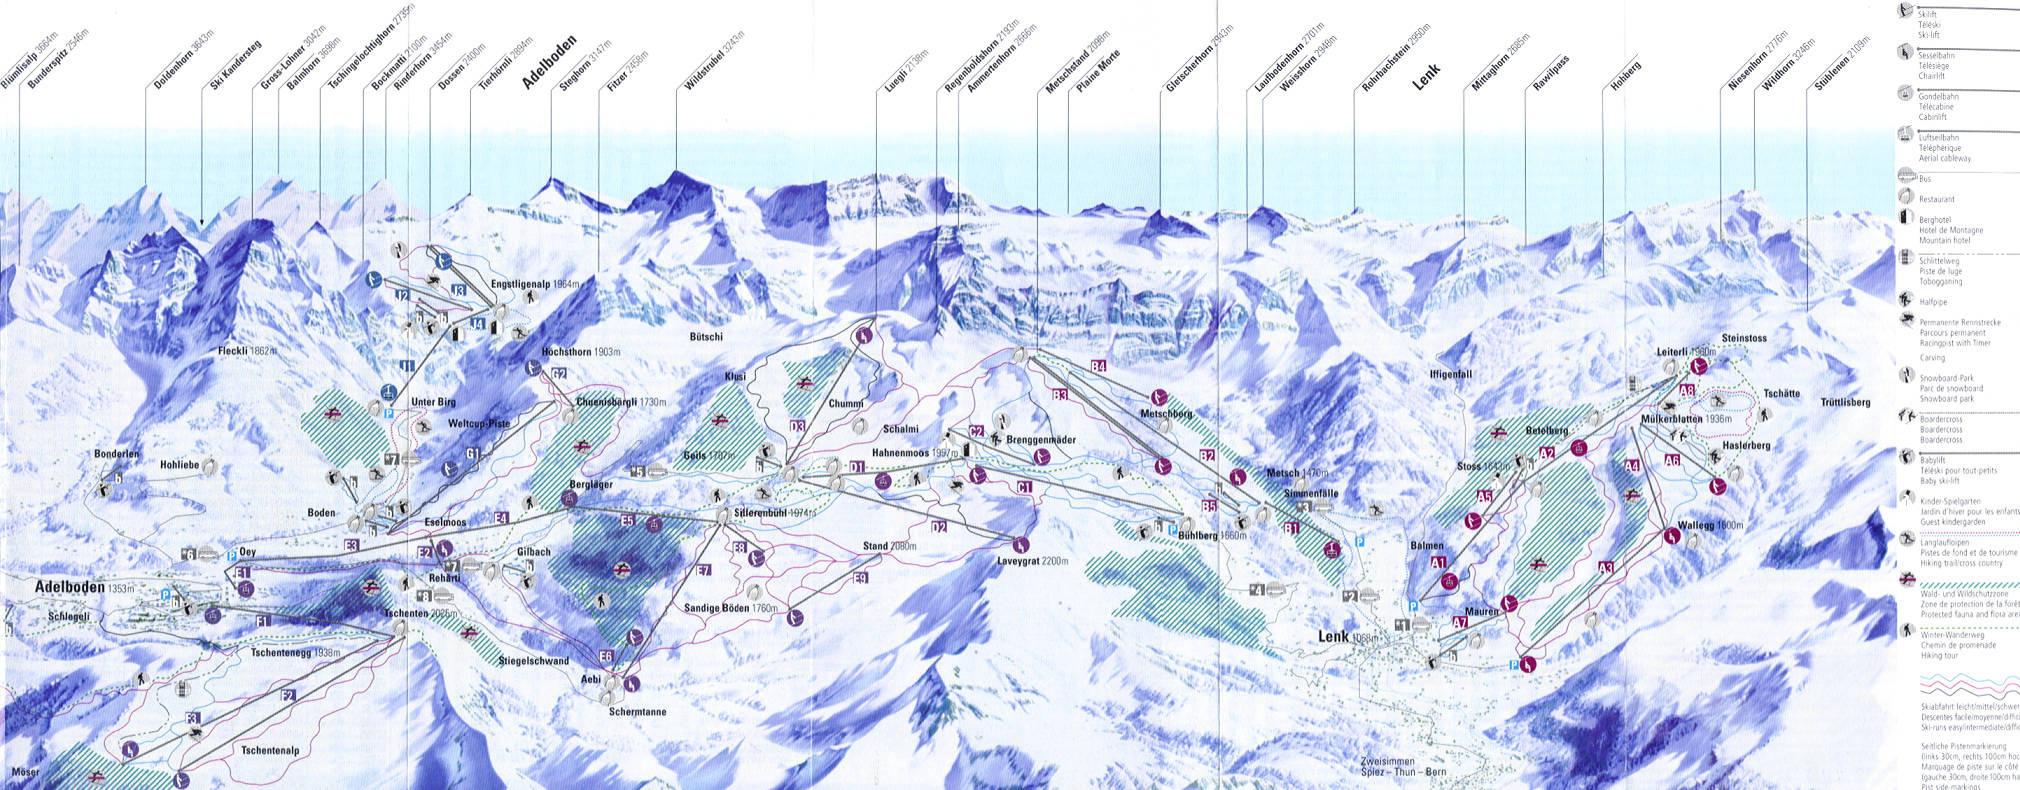 Lyžařská mapa sjezdovek areálu Adelboden - Lenk